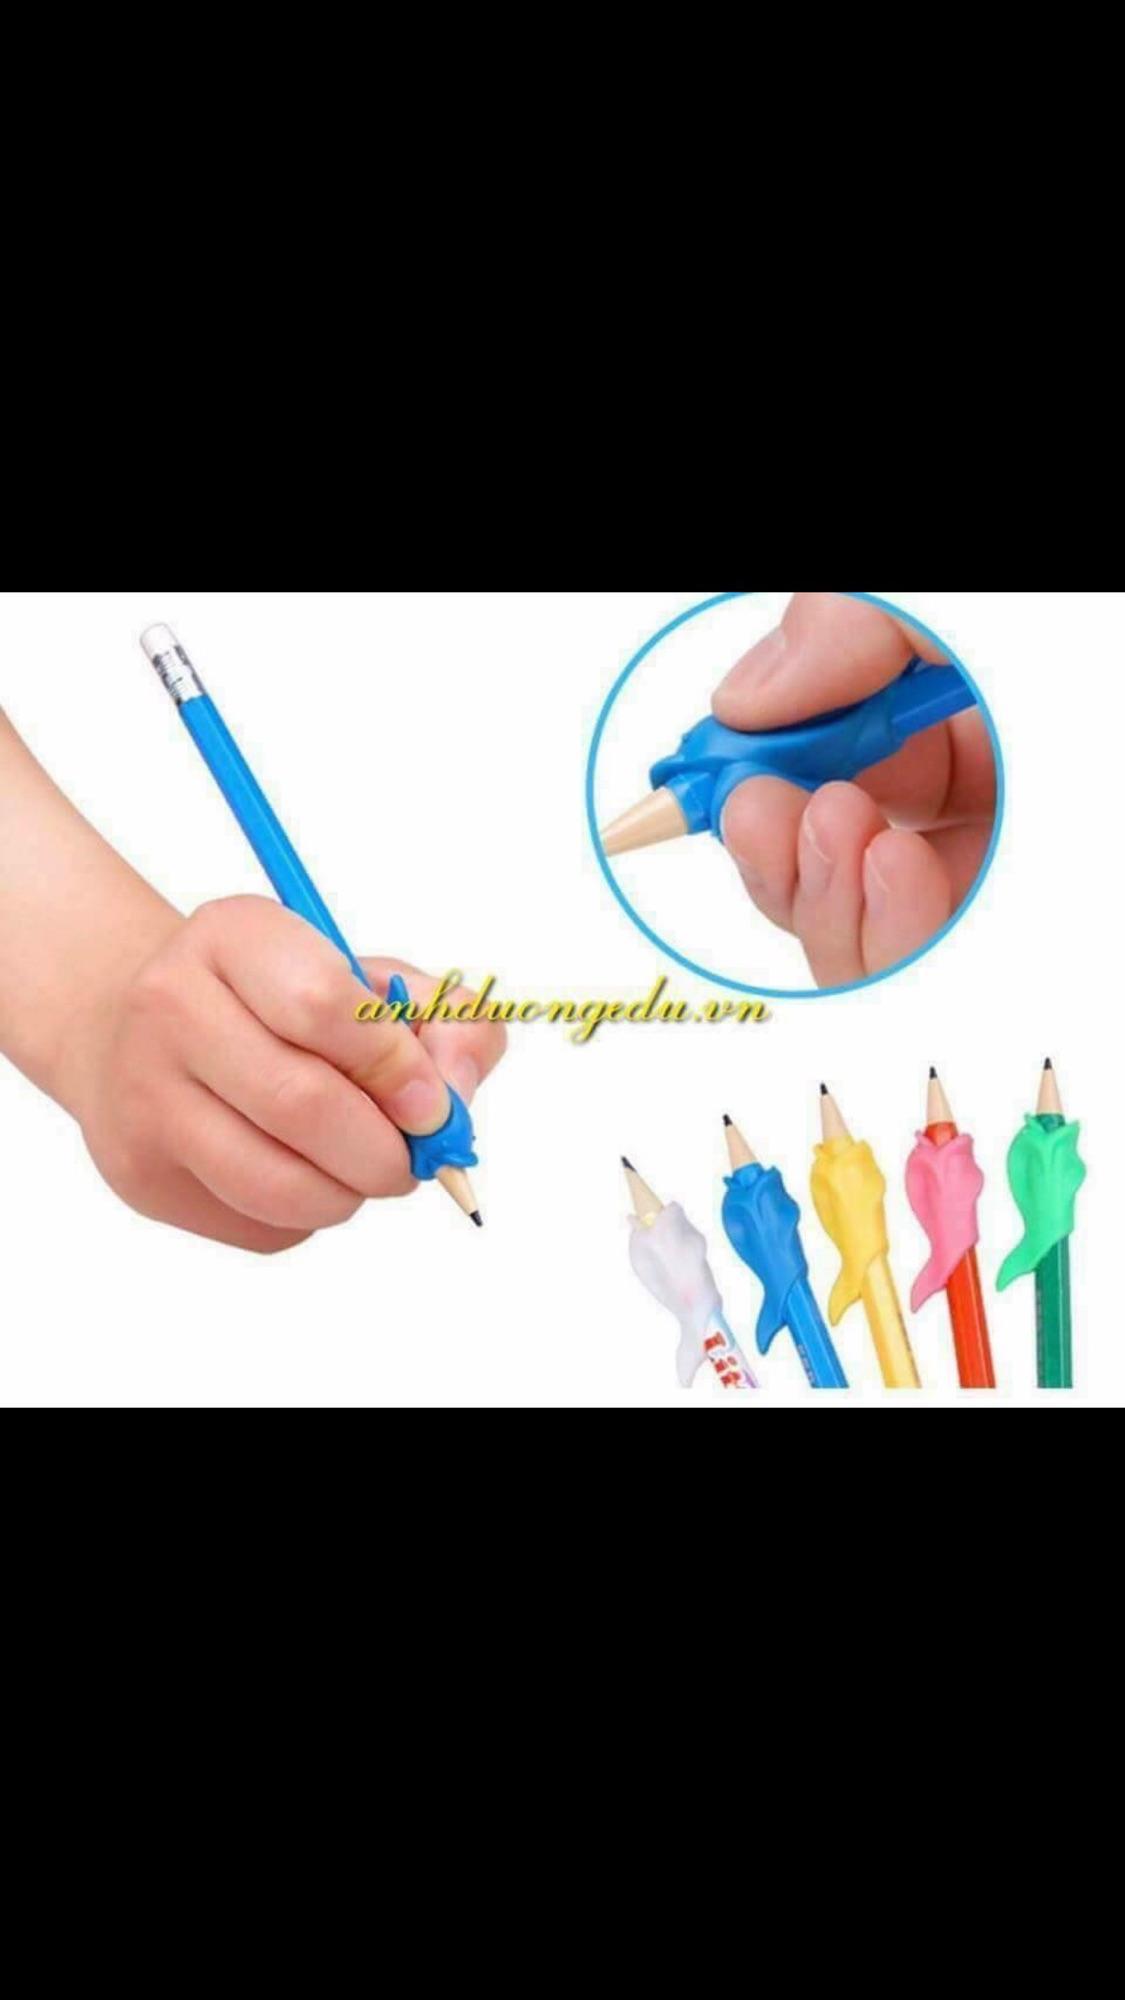 Mua Cá tập cầm bút chuẩn